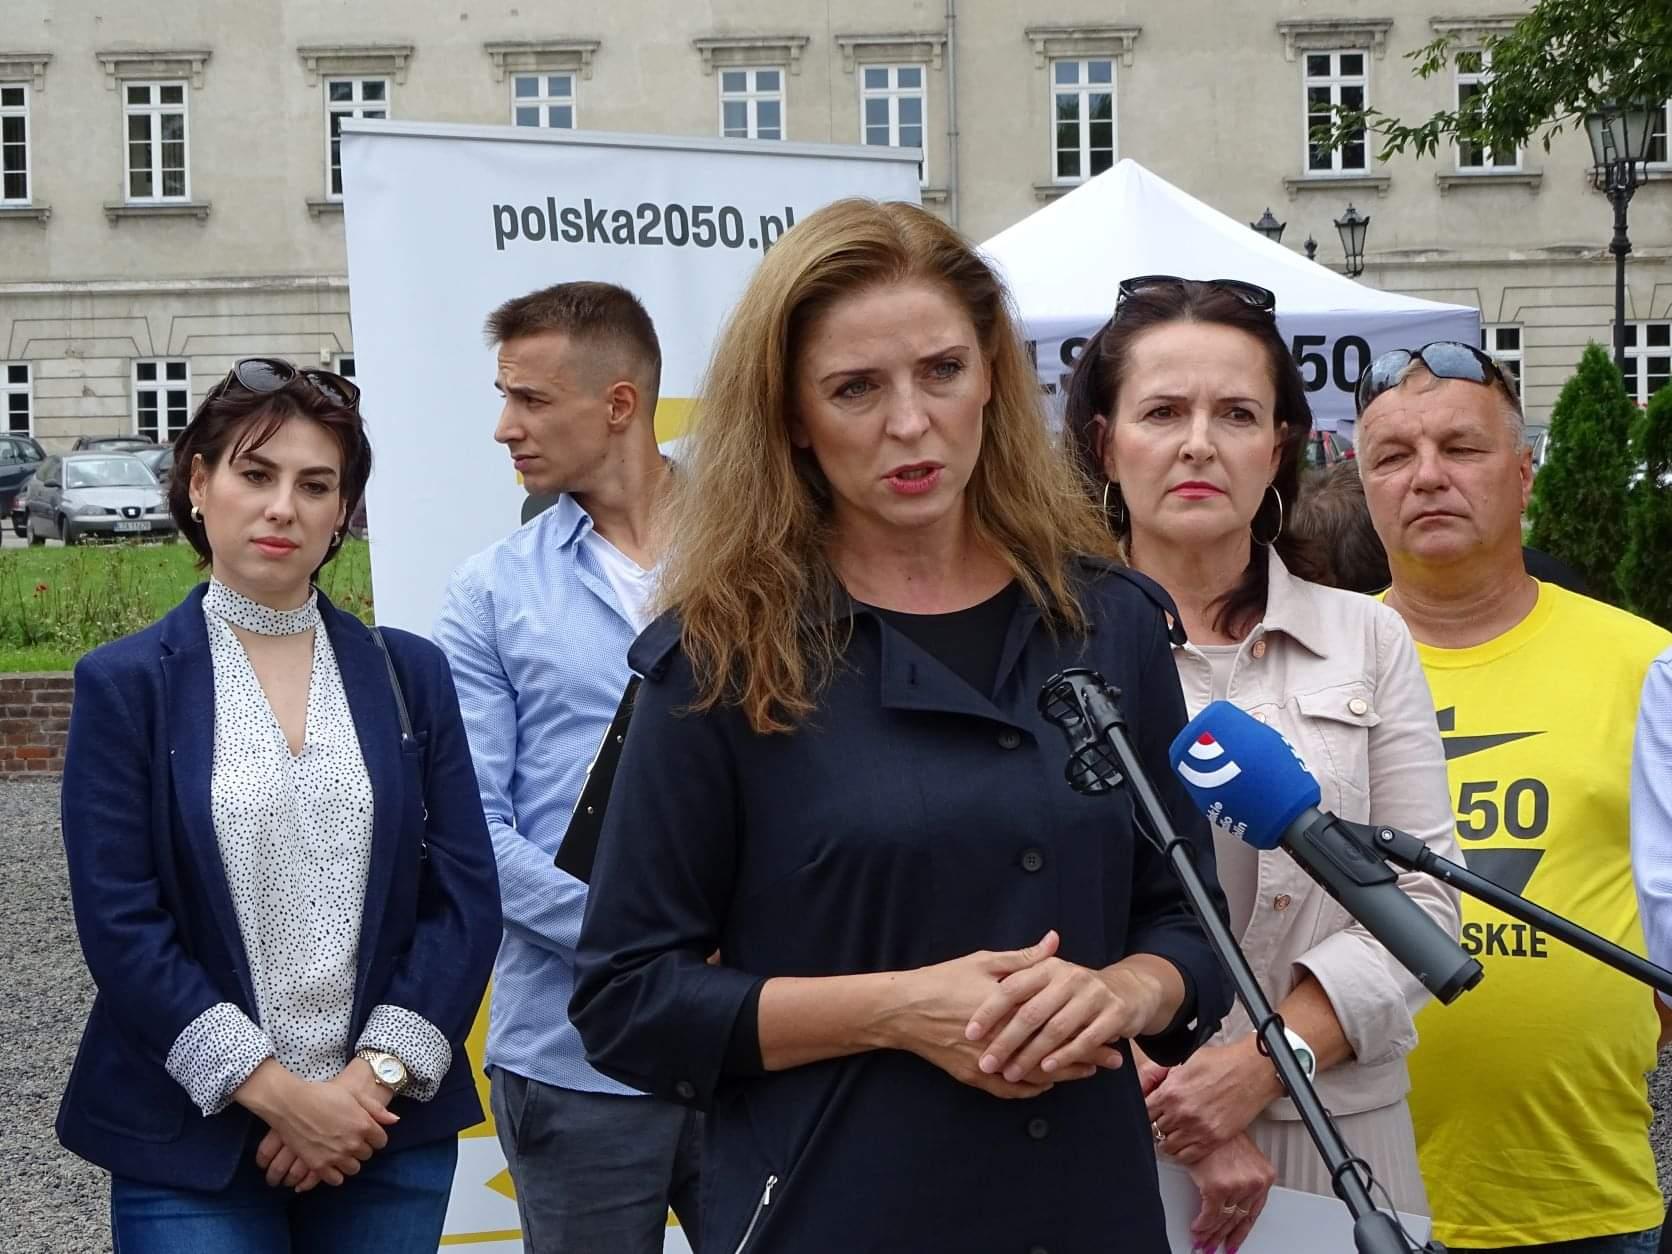 received 4009345049188980 Liderzy i działacze Polski 2050 spotkali się w Zamościu. Rozmawiali m.in. o zamknięciu oddziału pediatrycznego w naszym mieście